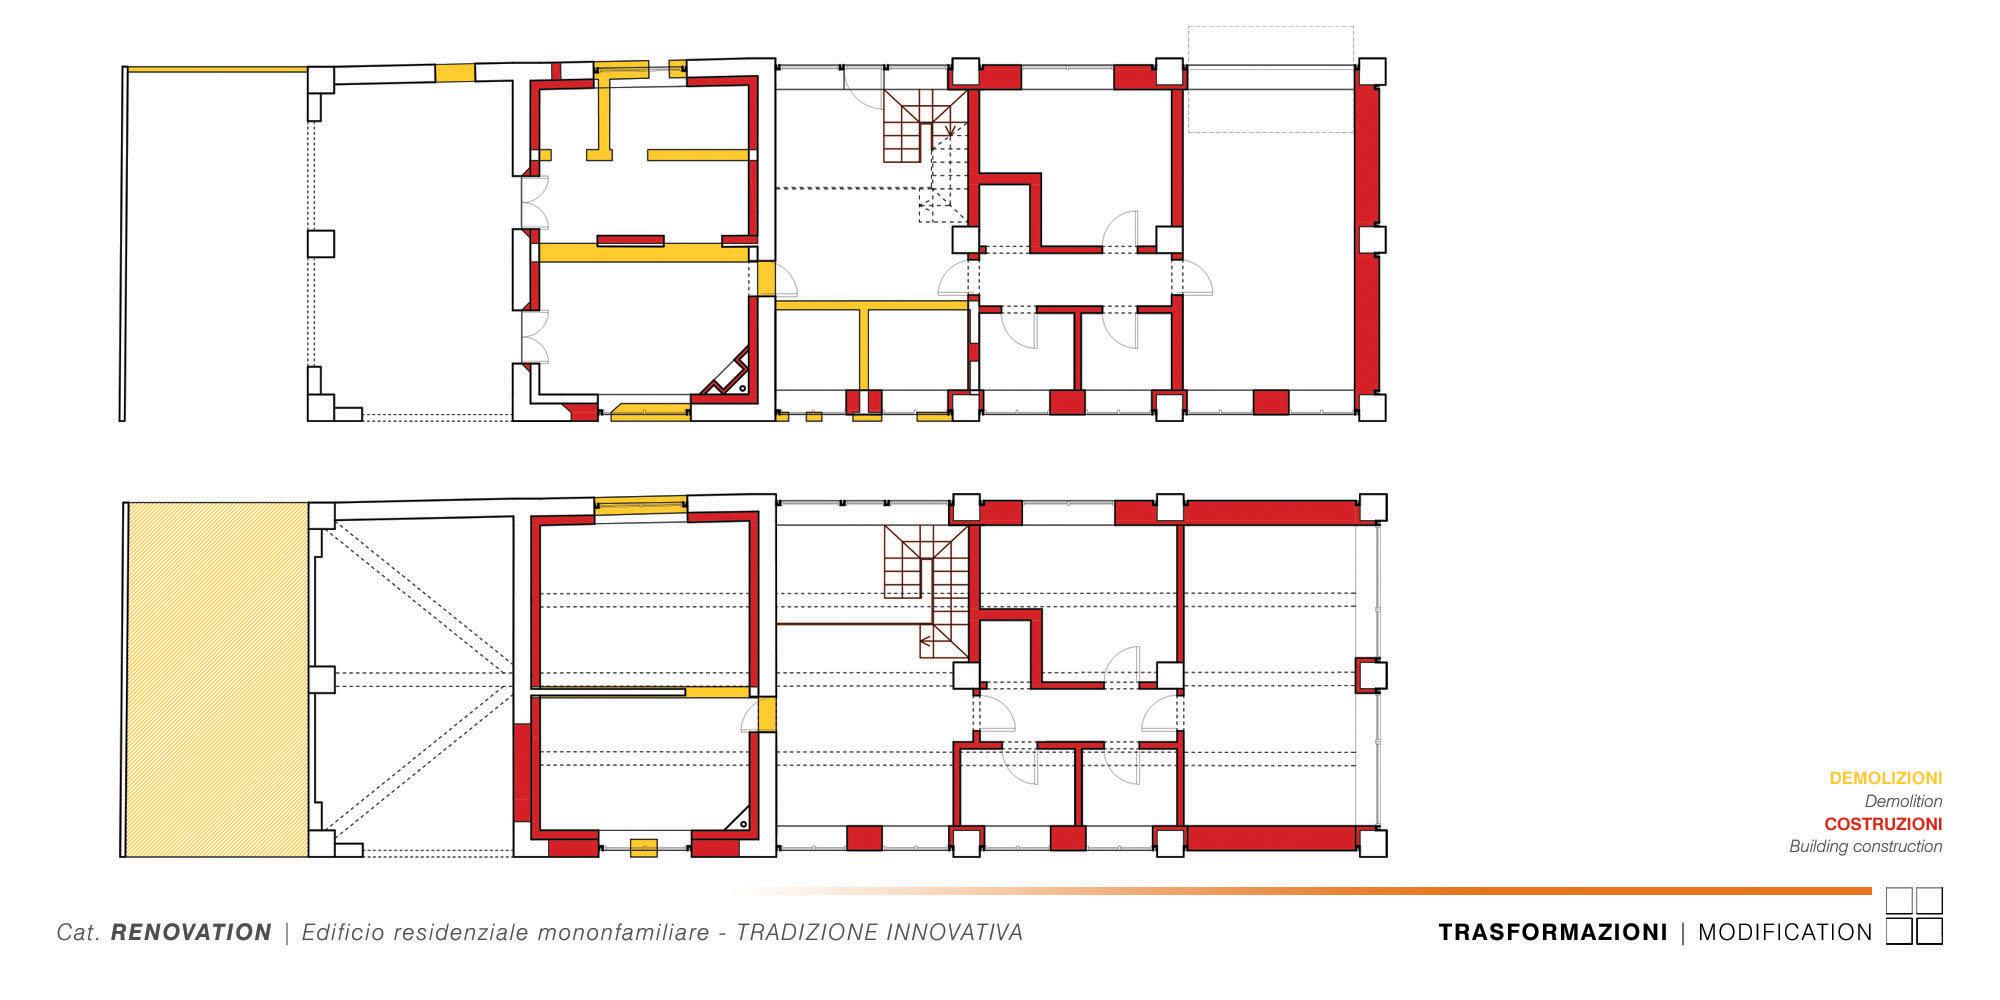 Edificio Residenziale Monofamiliare - TRADIZIONE INNOVATIVA - 004 - PT-P1 Modification }